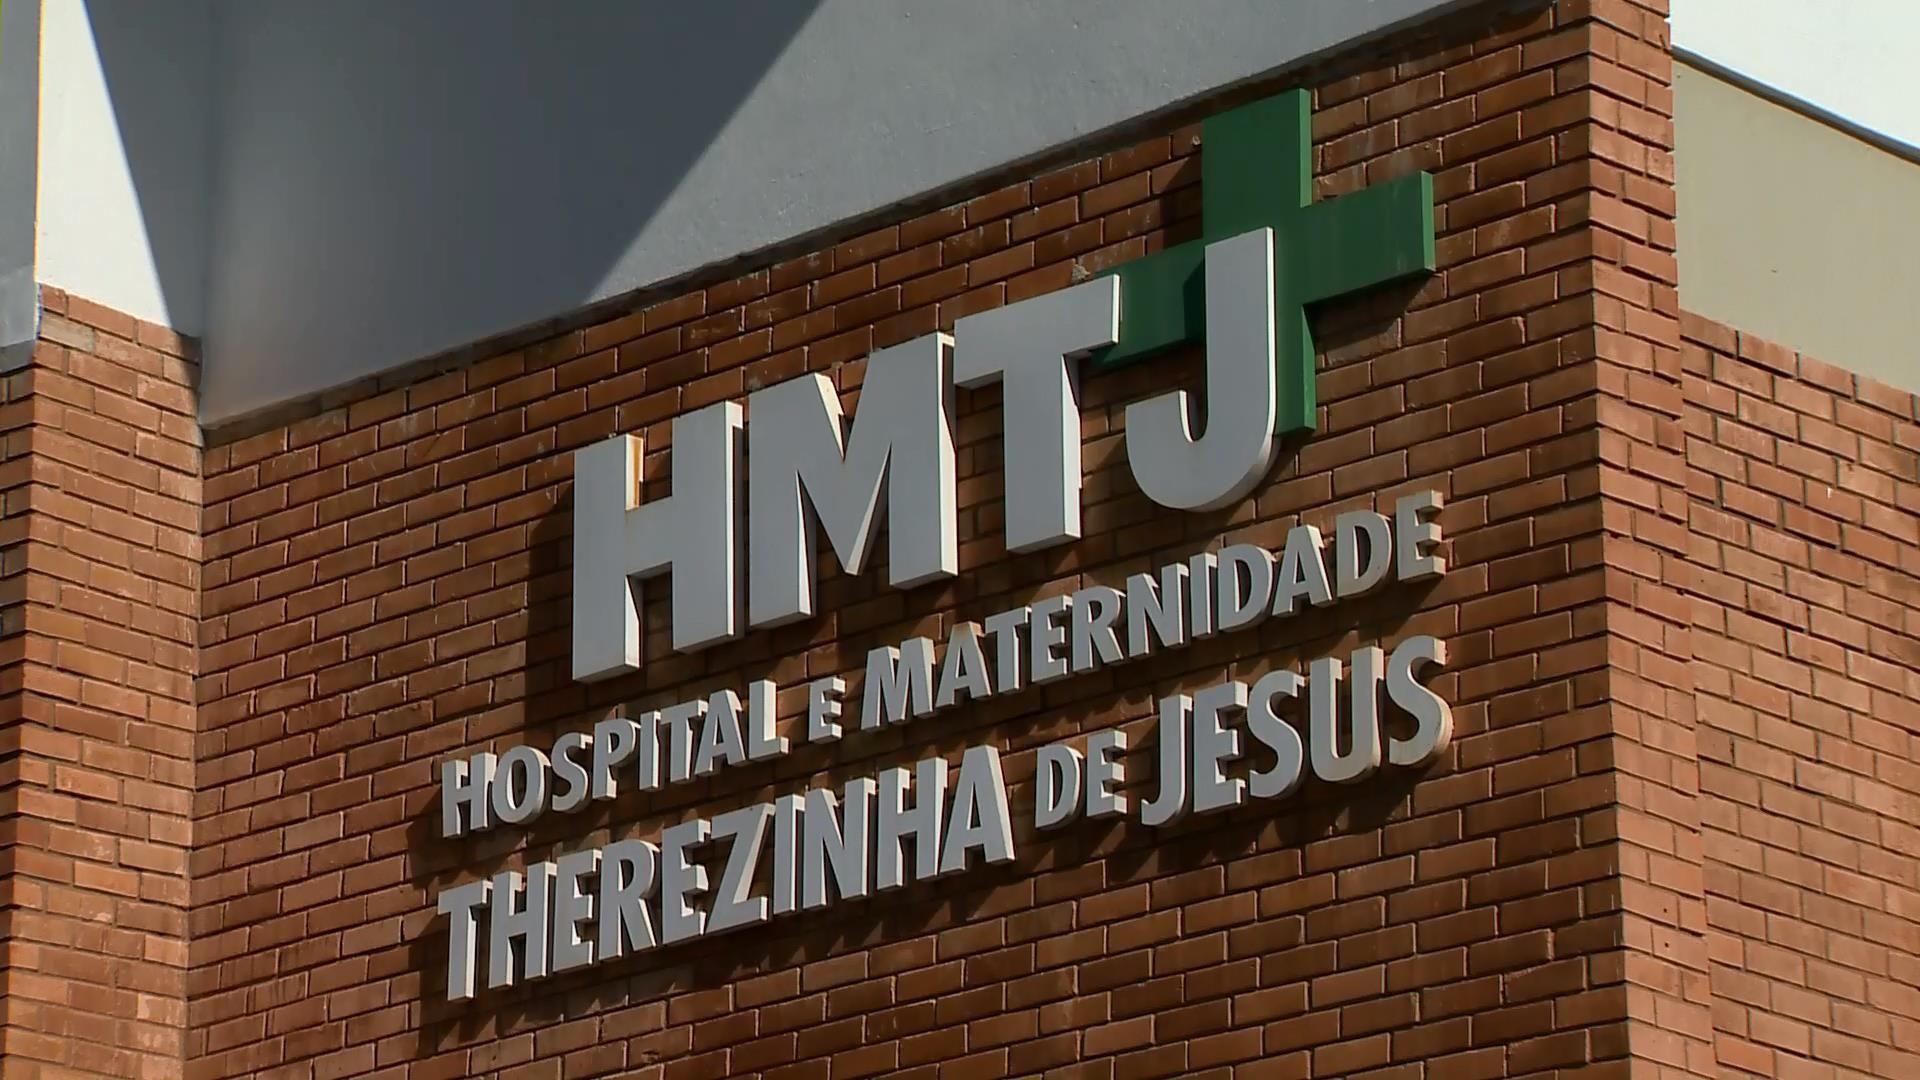 Polícia Civil apura denúncia de possível abuso sexual envolvendo criança em Juiz de Fora - Notícias - Plantão Diário